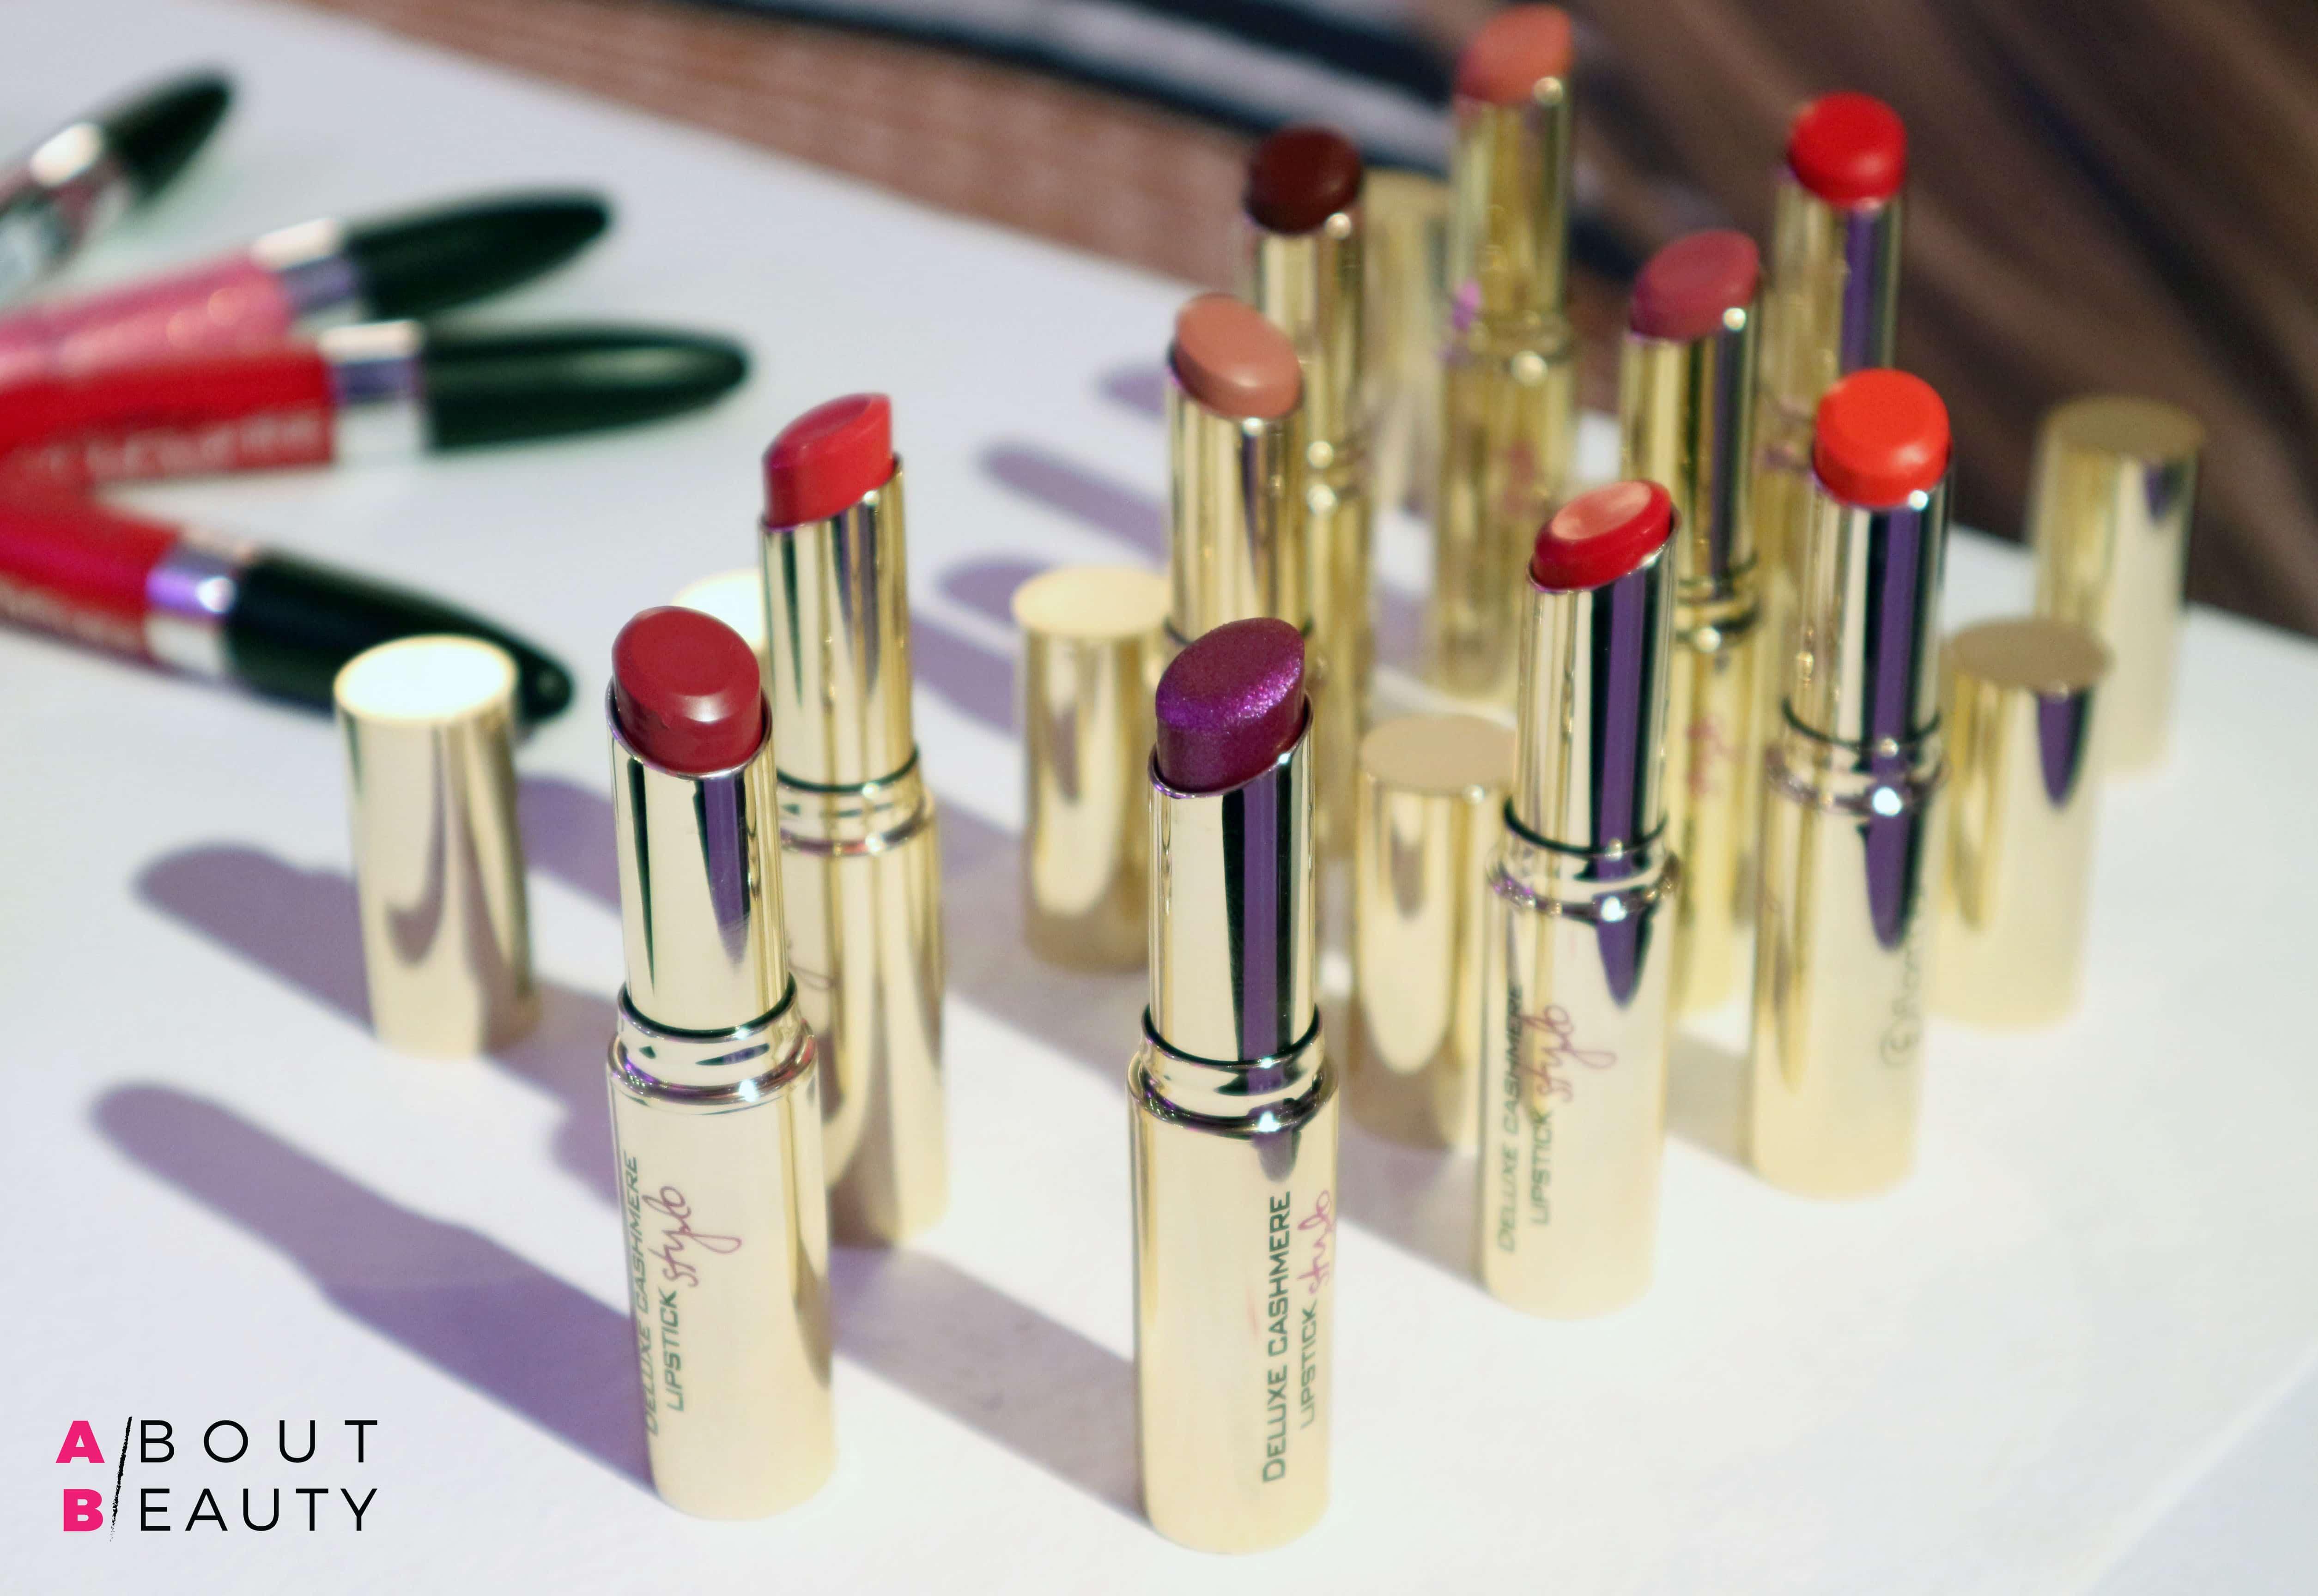 Flormar Professional Make-up, la linea di make-up completa dai prezzi accessibili - Info, recensione, prezzo, INCI - Rossetti Deluxe Cashmere Lipstick Stylo